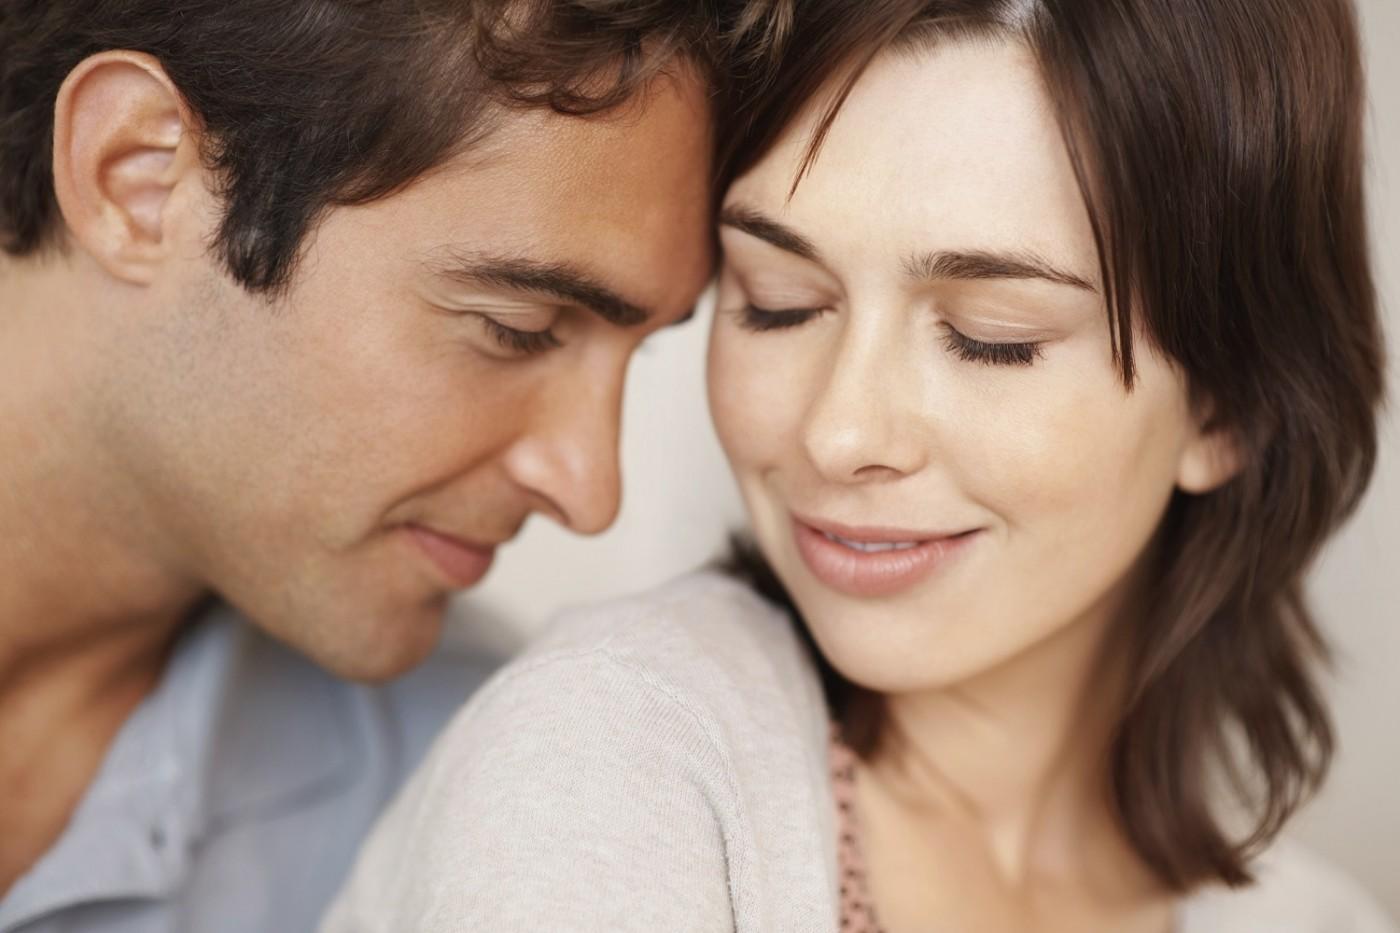 Зачатие ребенка: как происходит зачатие и как определить благоприятный период